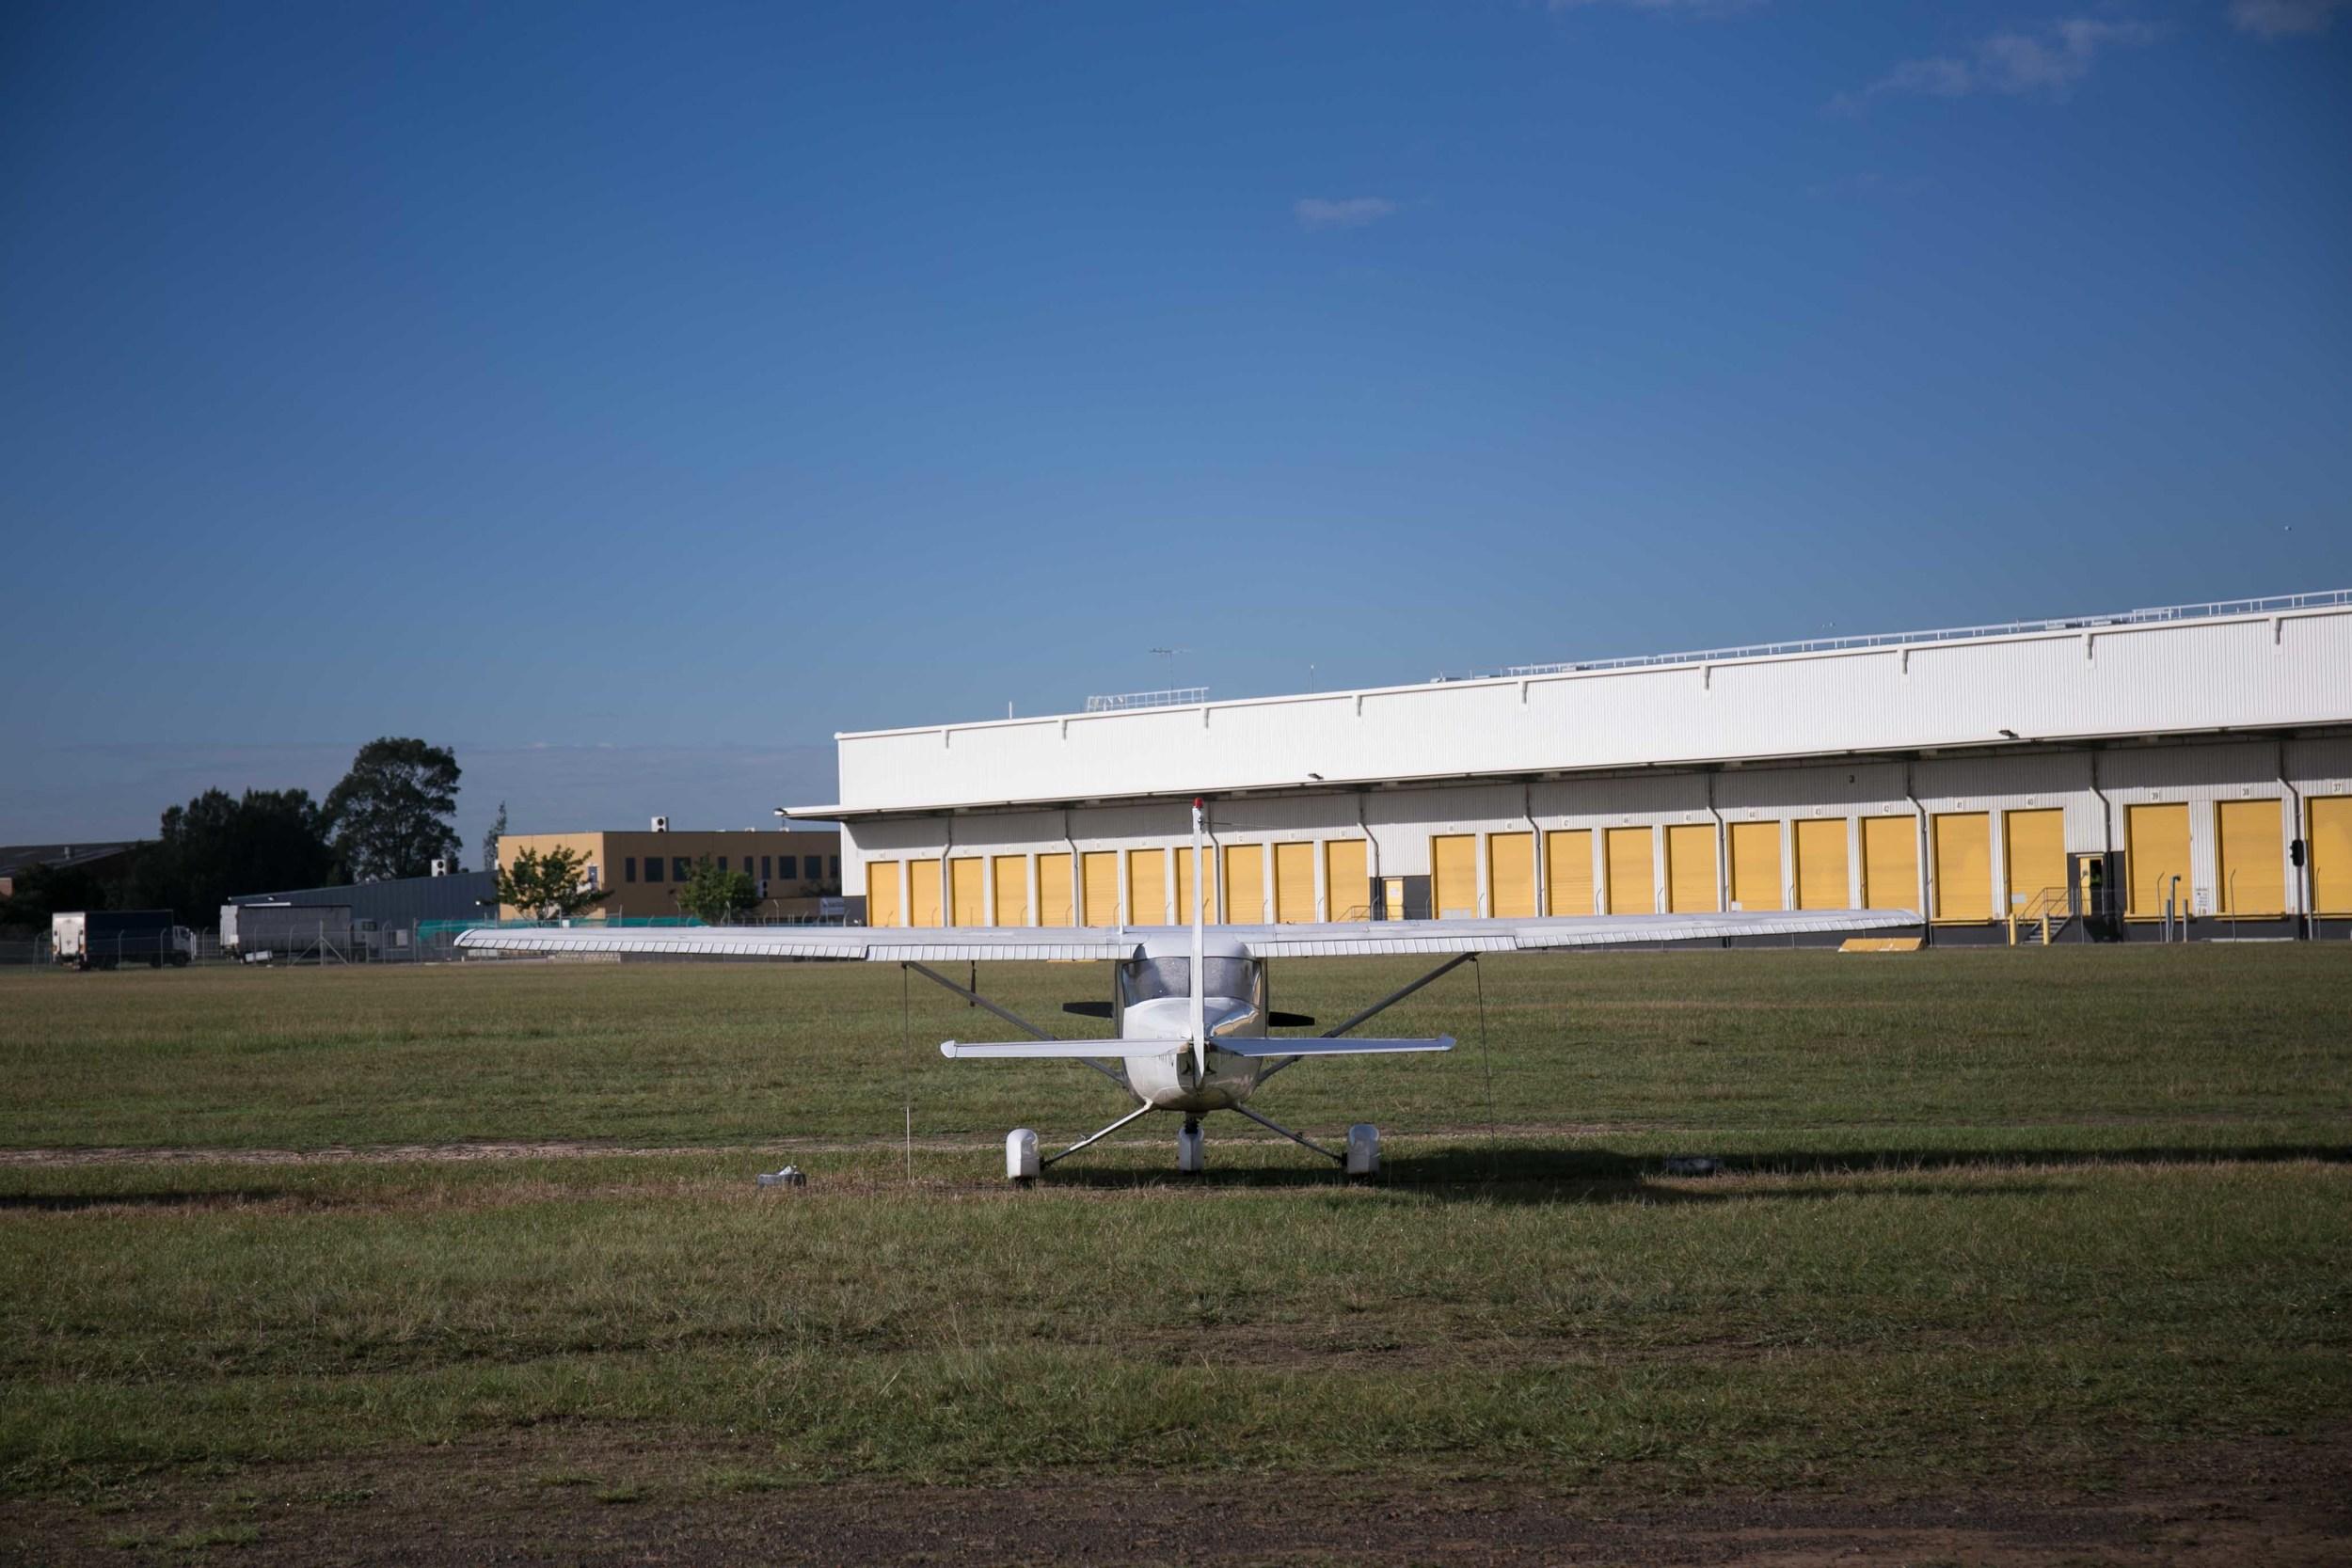 in_venus_Veritas_pilots_BANKSTOWN_AIRPORT-11.jpg